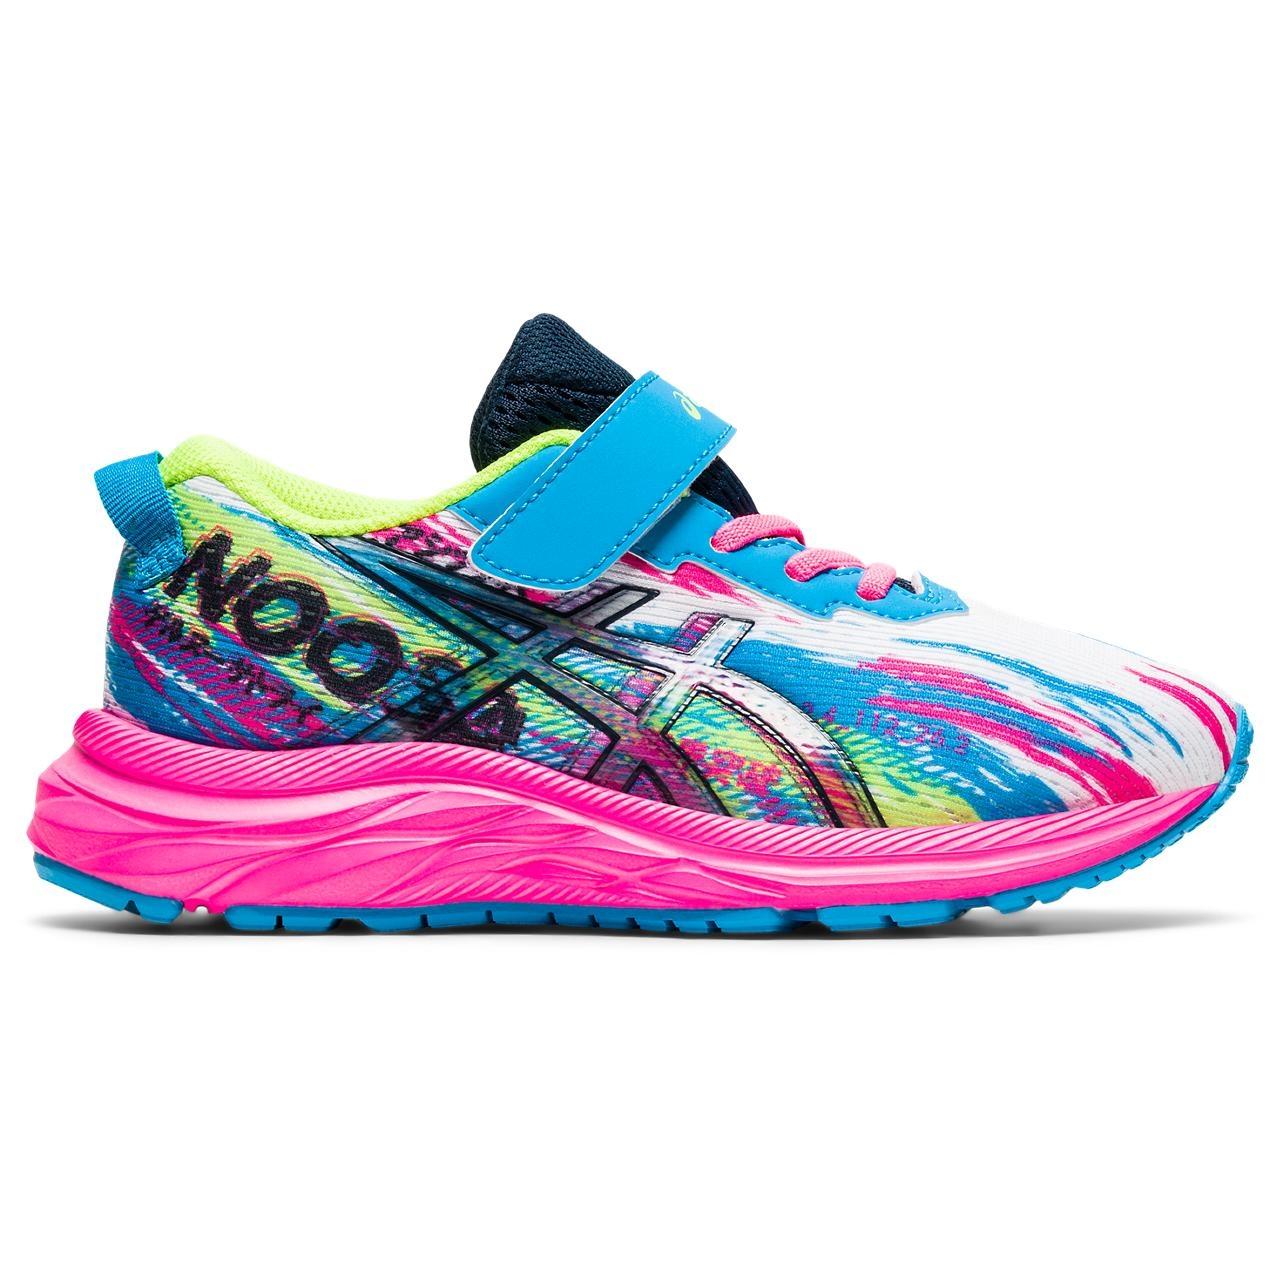 Produktbild von asics Pre Noosa Tri 13 Vorschulkinder-Triathlonschuh - digital aqua/hot pink